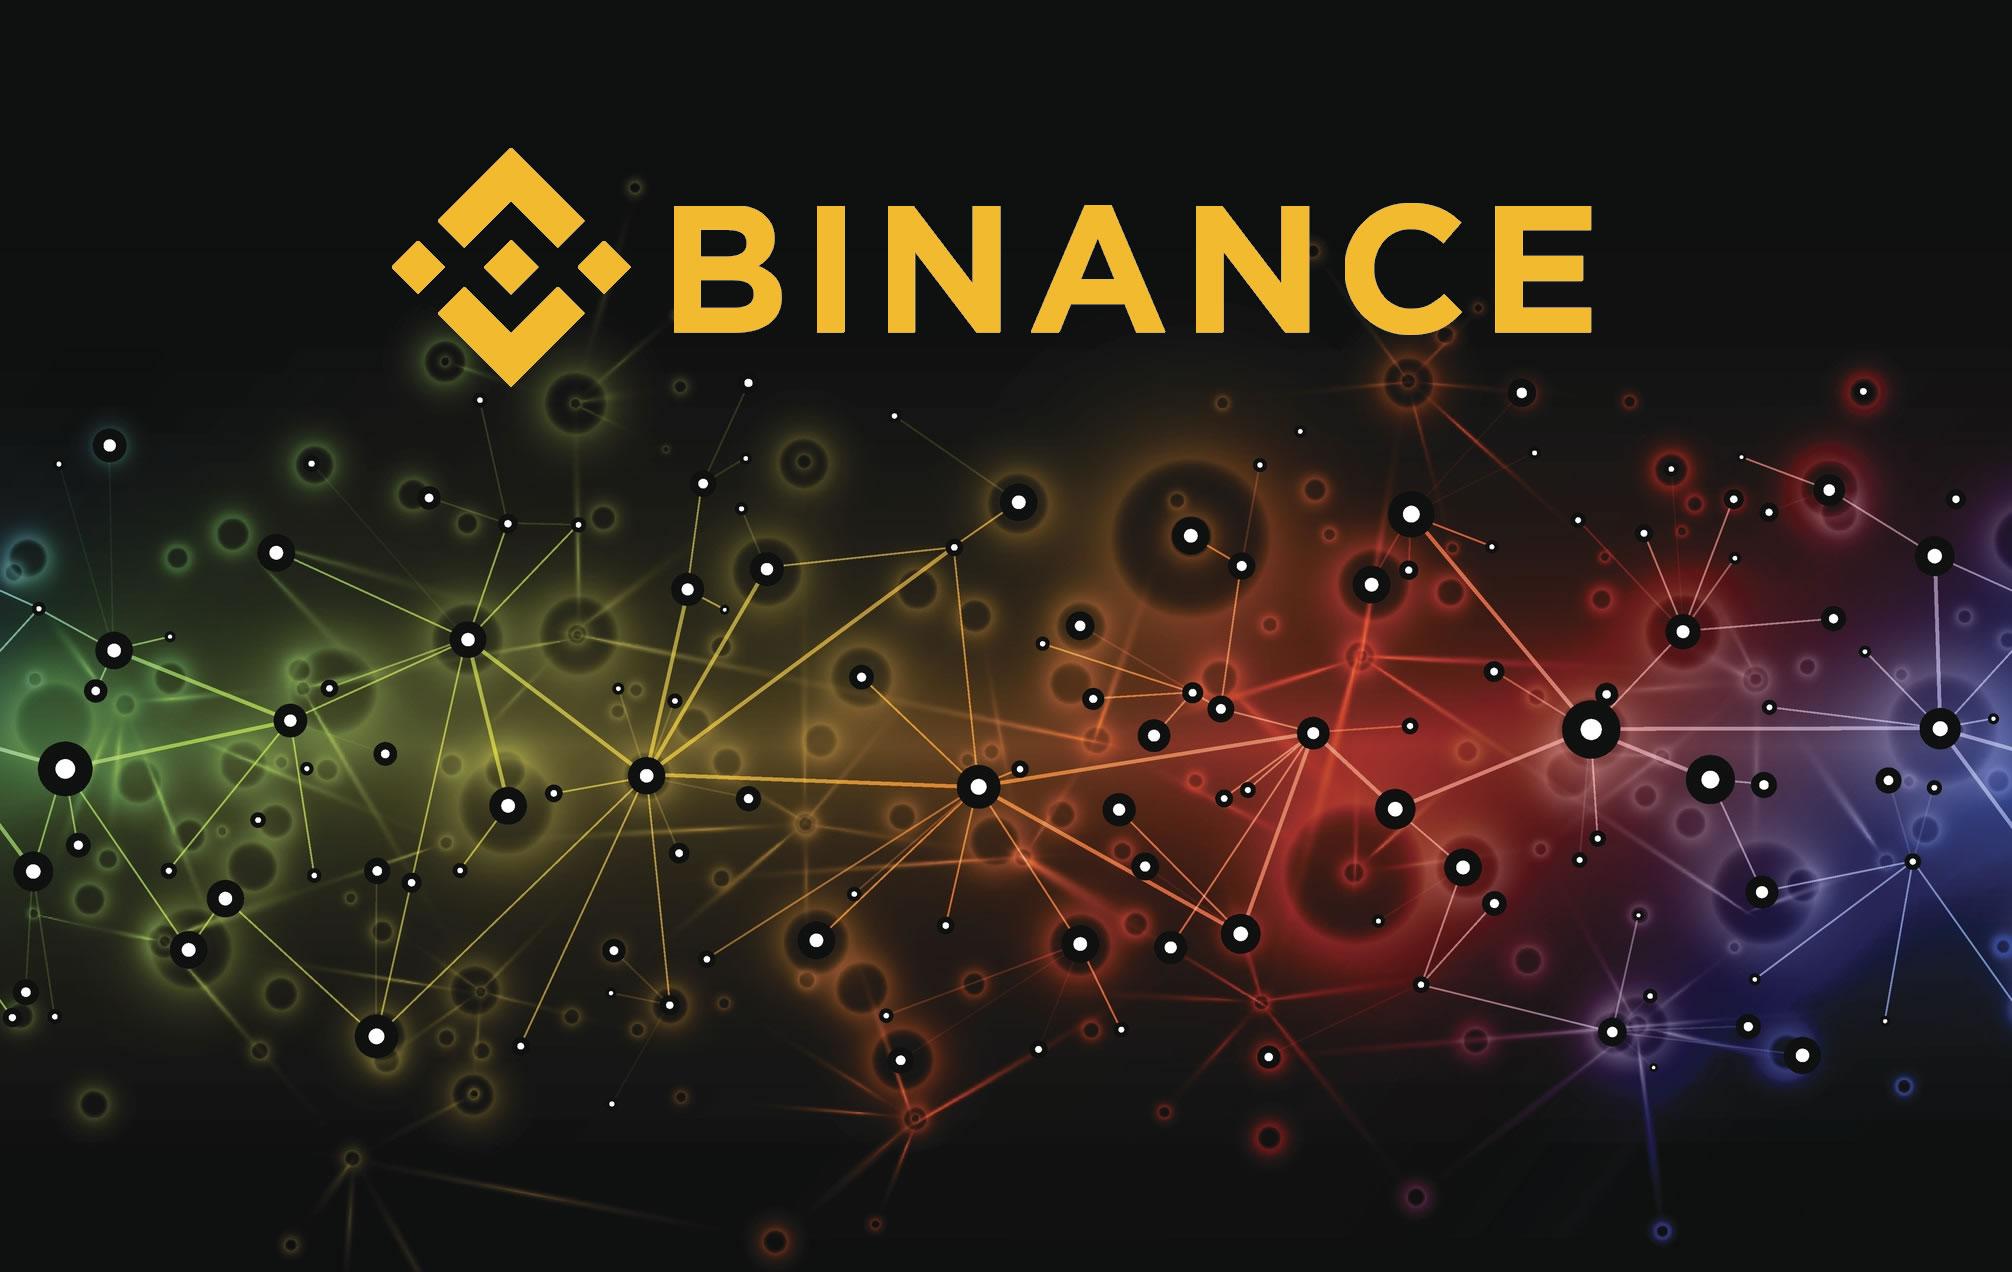 منصة بينانس تنوي إطلاق 10 منصات لشراء العملات الرقمية مقابل العملات النقدية